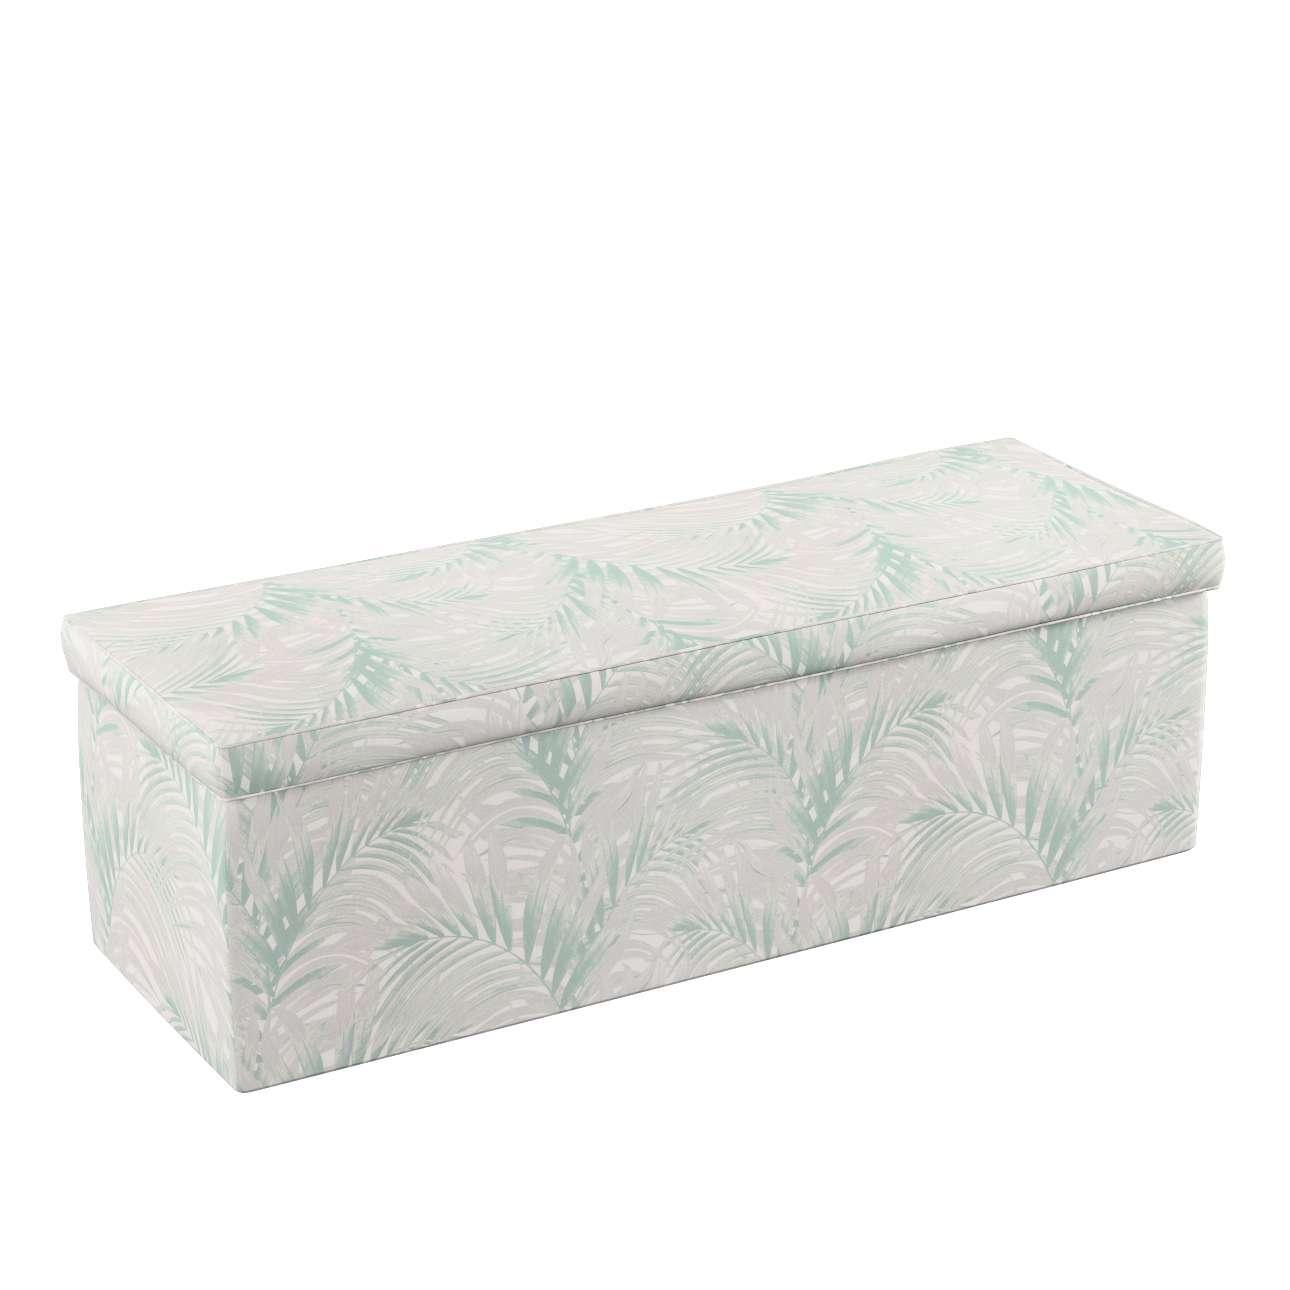 Čalouněná skříň s volbou látky - 2 velikosti v kolekci Gardenia, látka: 142-15